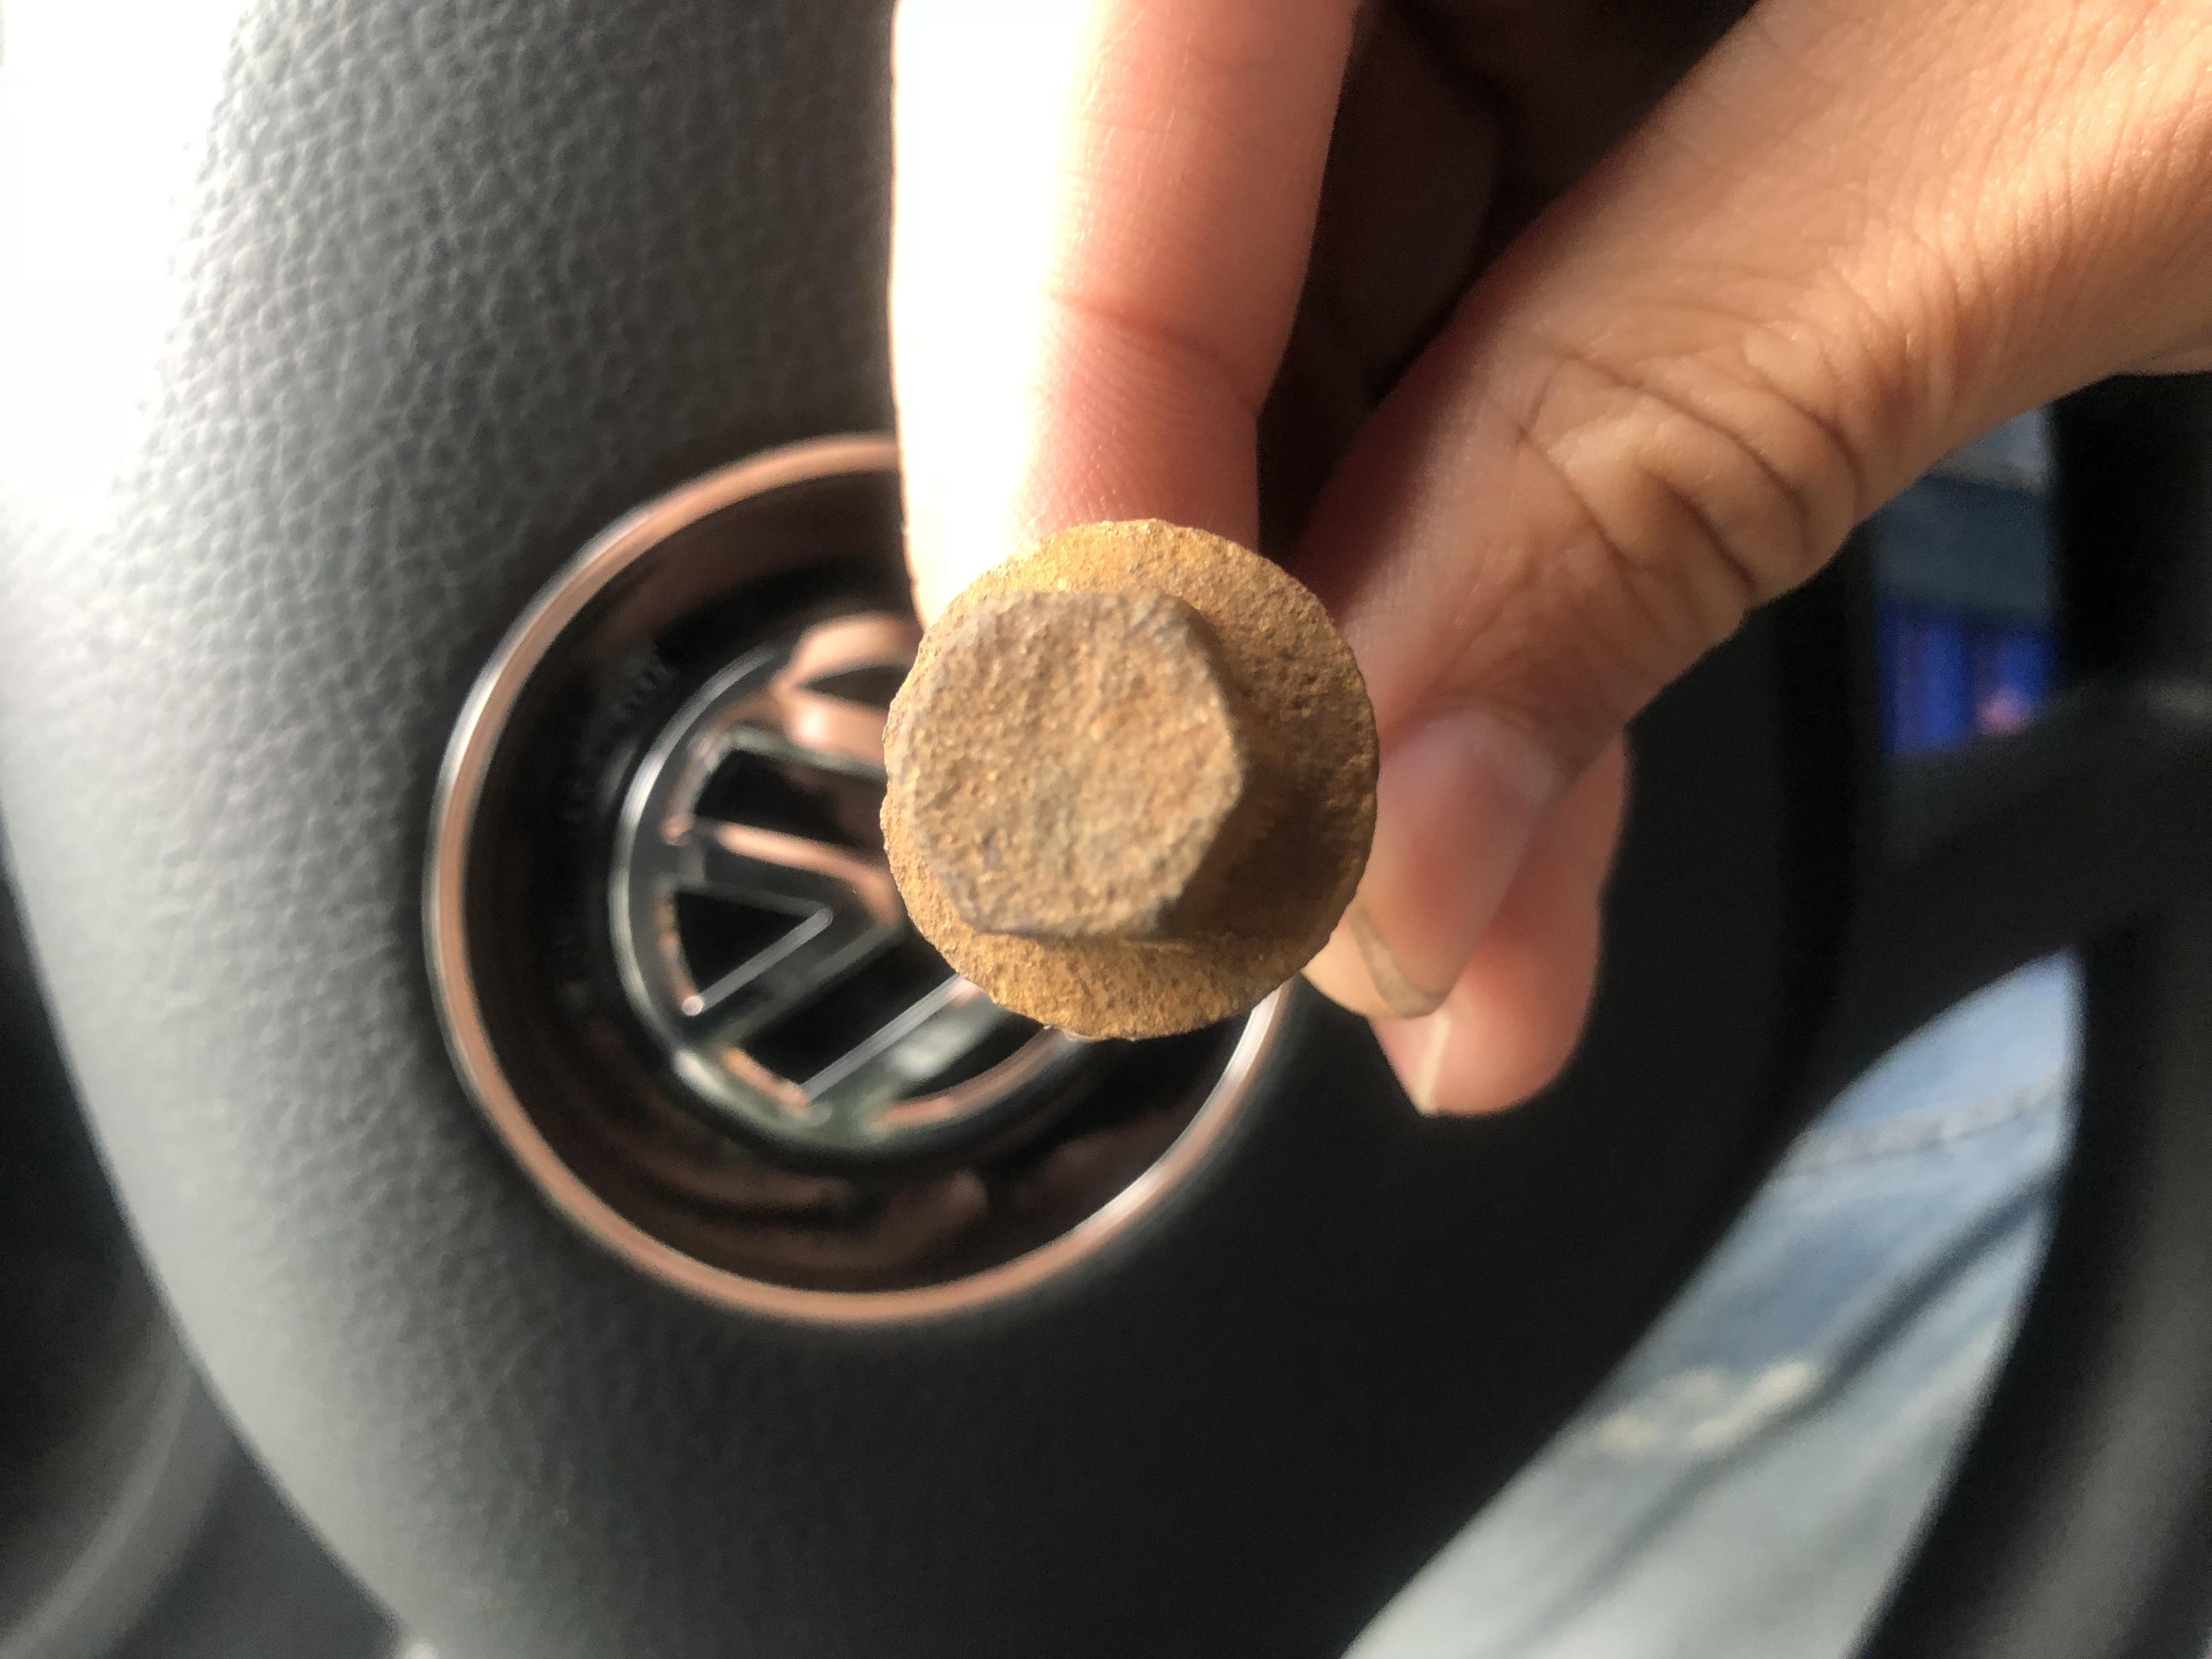 大众-POLO 电瓶漏液,造成车体腐烂生锈